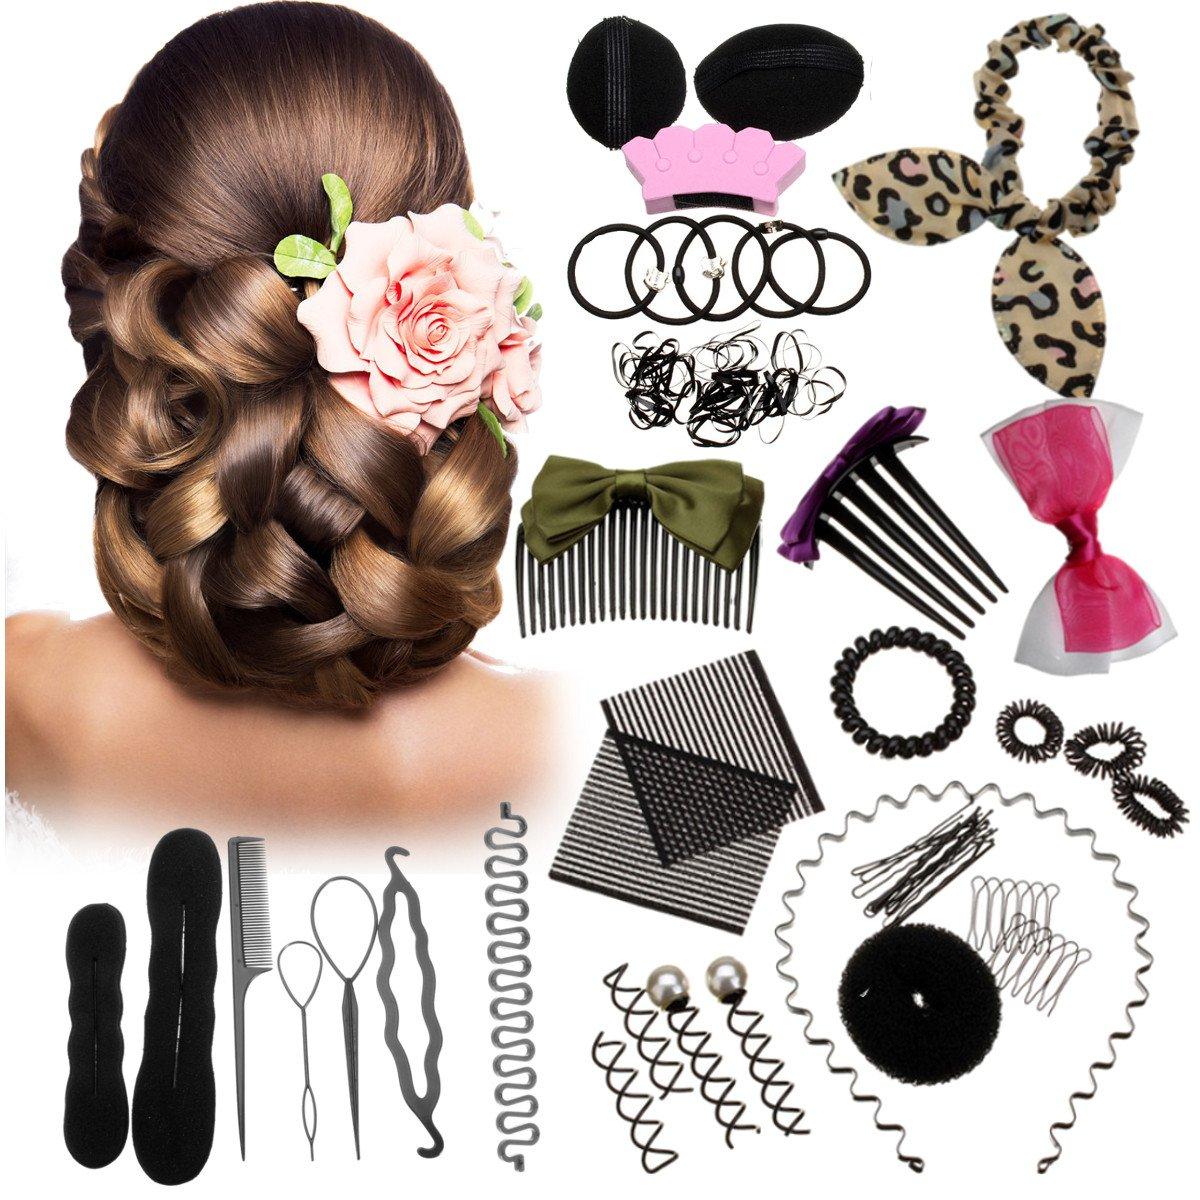 Haare Frisuren Set, Luckyfine DIY Haar Styling-Werkzeuge Frisurenhilfe Kit